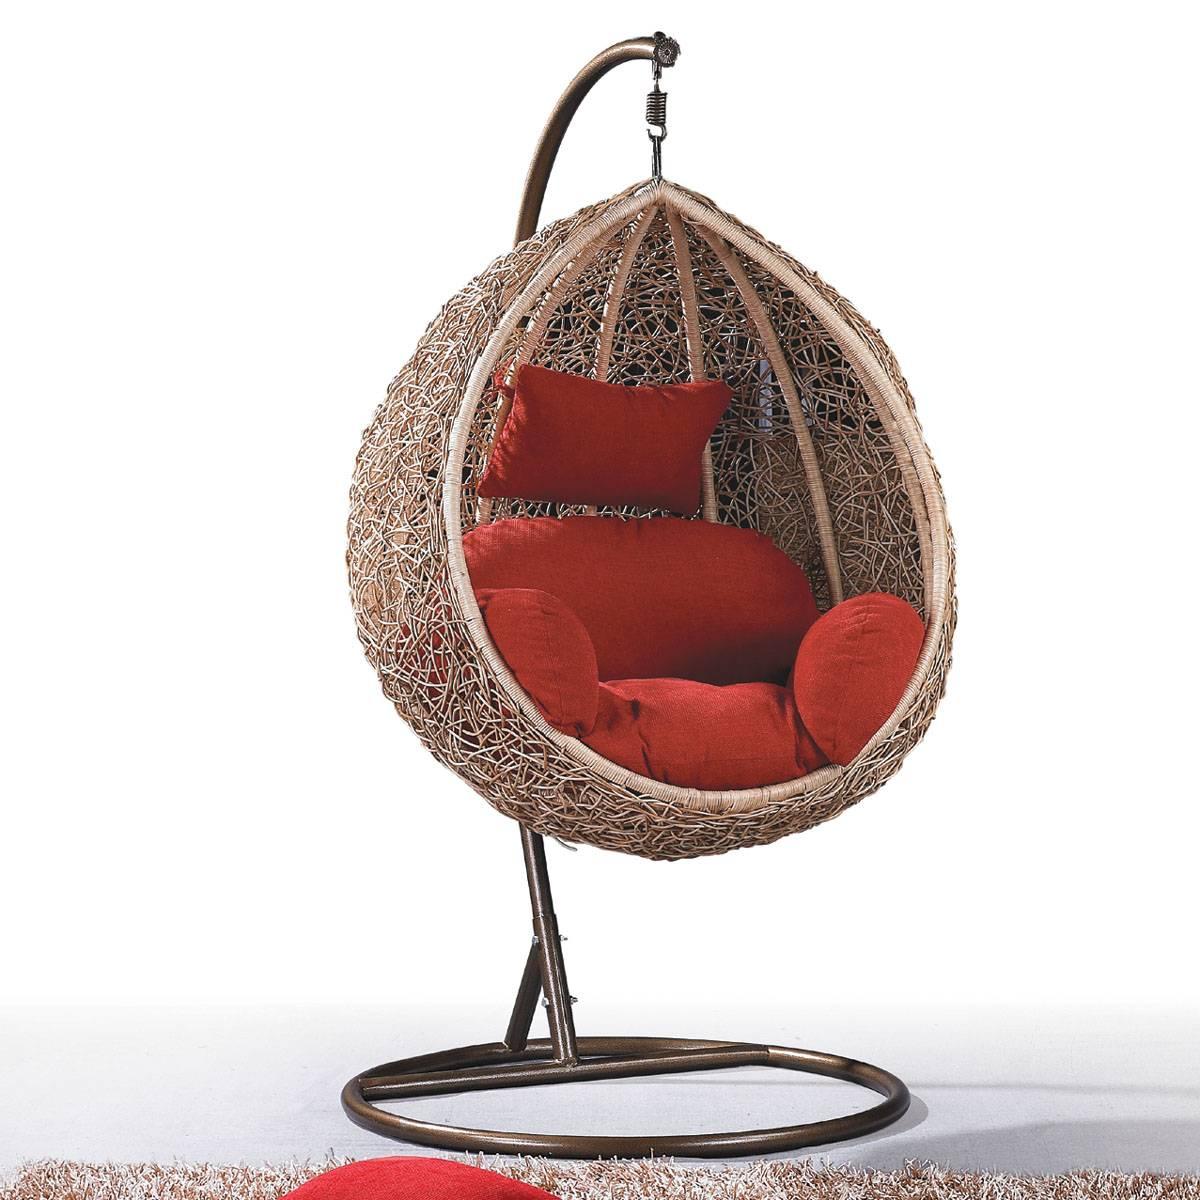 Outdoor Rattan Wicker Hanging Egg Chair Foshan Nanhai Yayi Furniture Factory